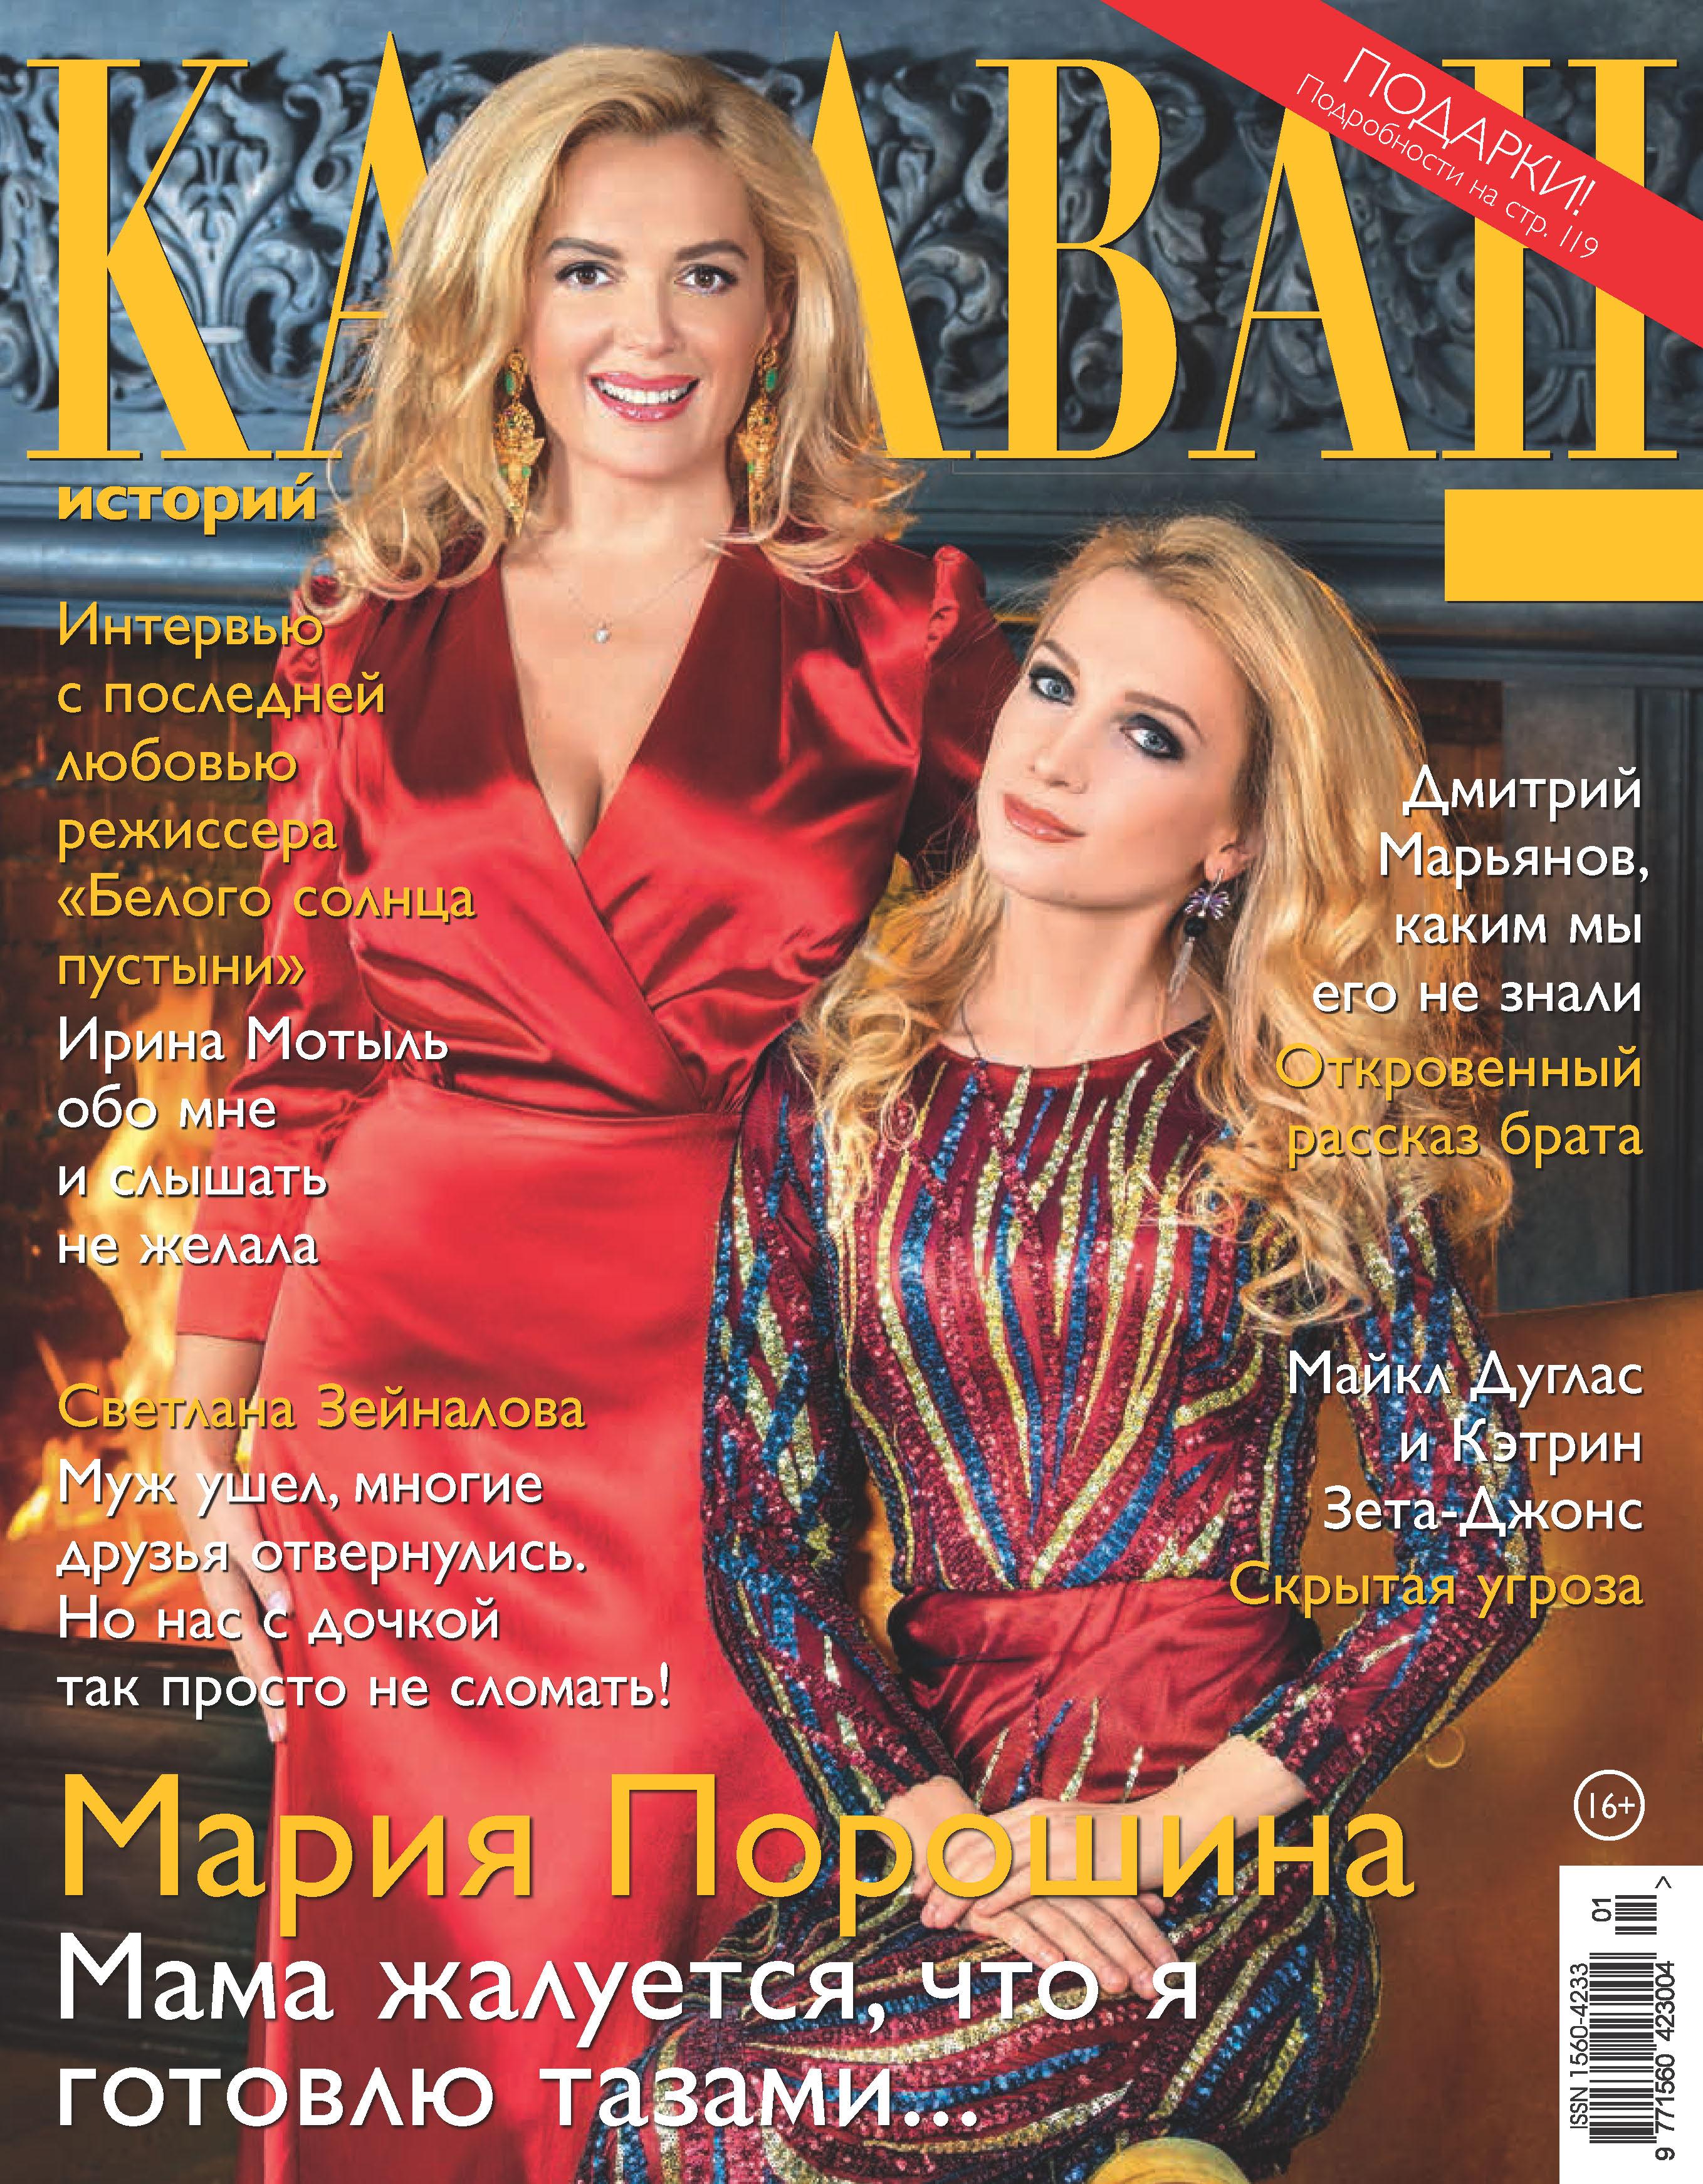 Отсутствует Караван историй №01 / январь 2018 михаил кубеев 100 великих любовных историй